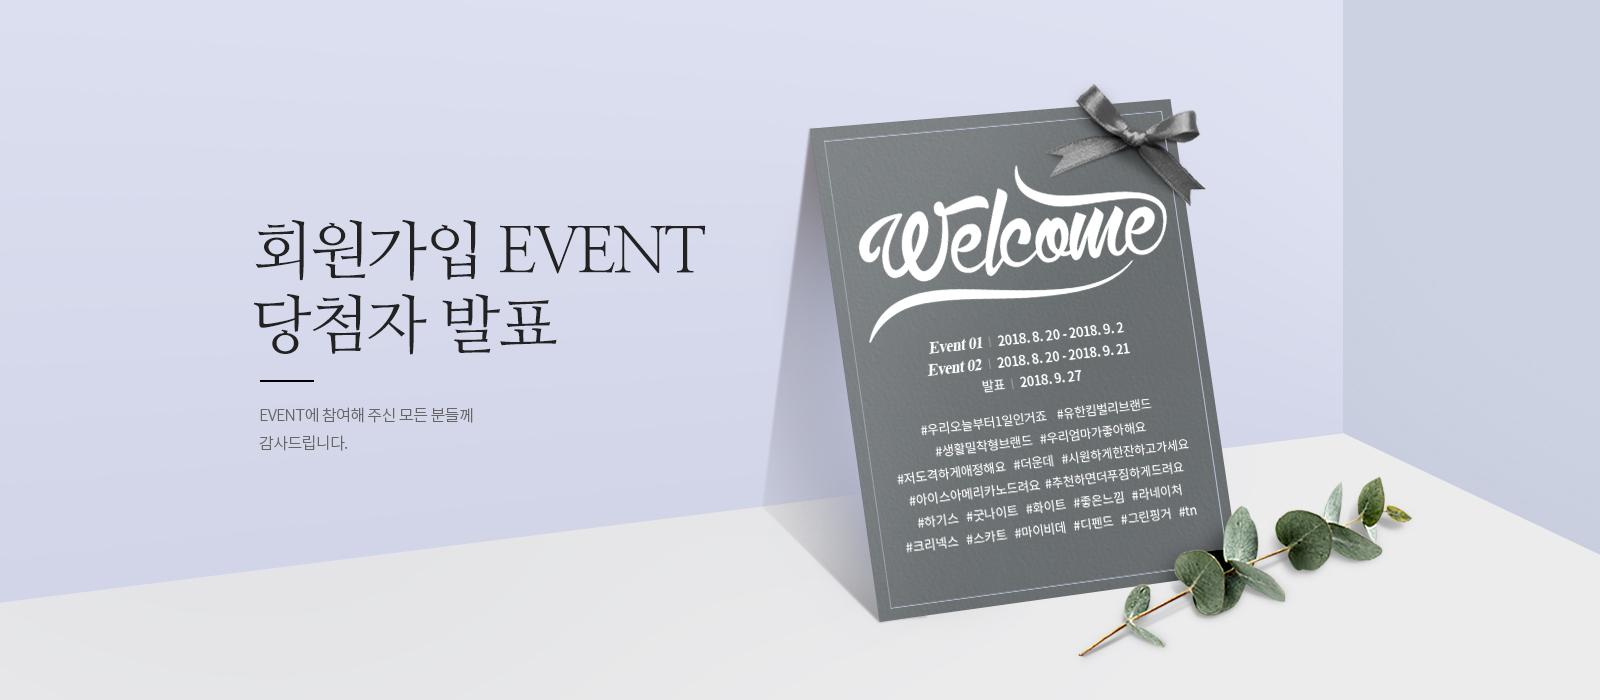 회원가입 event 당첨자 발표, event에 참여해주신 모든 분들께 감사드립니다.